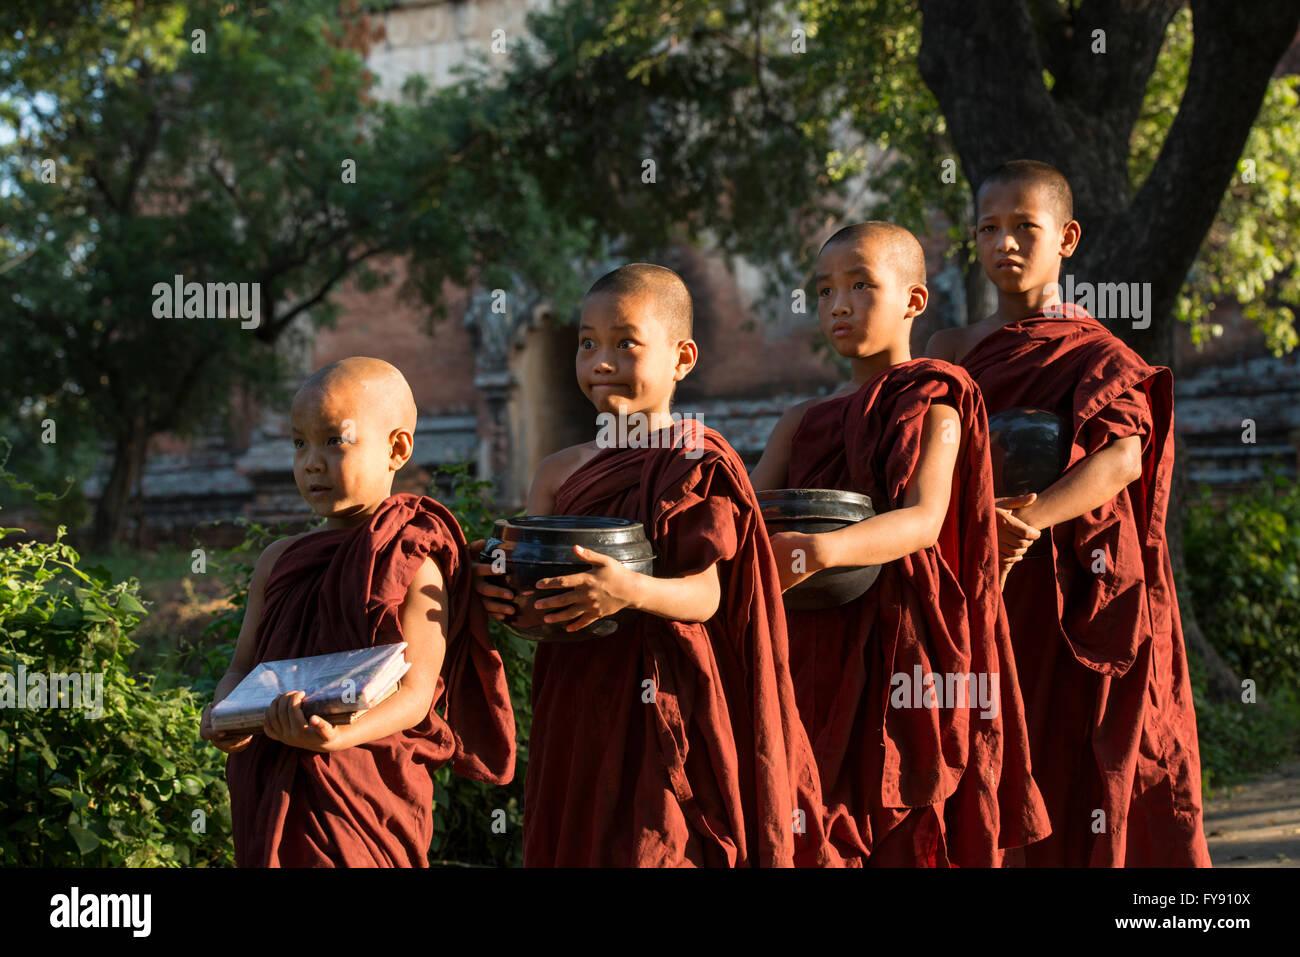 Myanmar, Amarapura, Monastero Mahagandayon, monaci buddisti con bocce raccogliere donazioni di cibo per il loro Immagini Stock